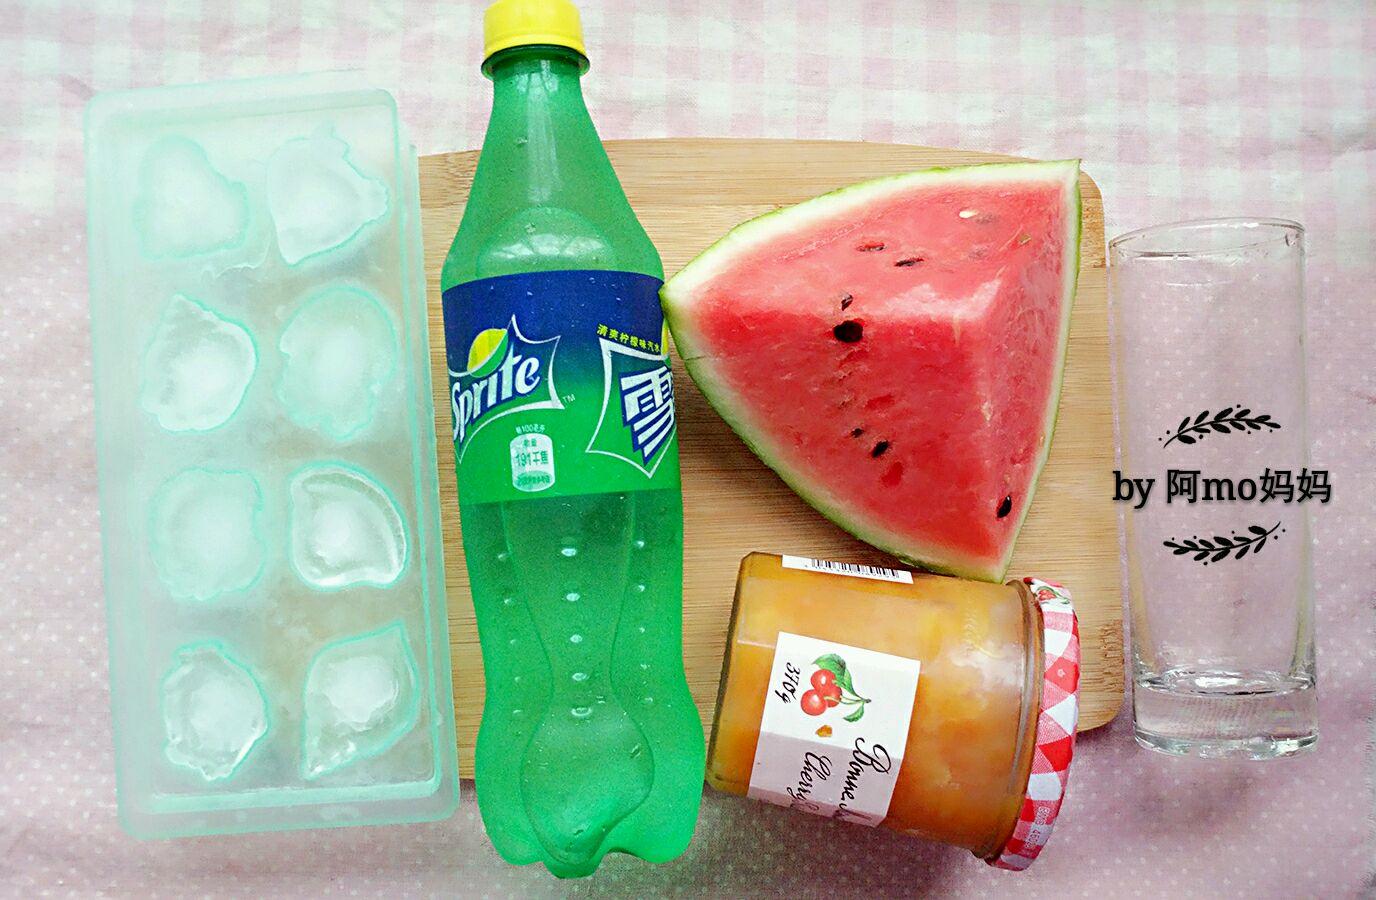 自制壮阳秘方_冰汽水怎么做_冰汽水的做法_豆果美食